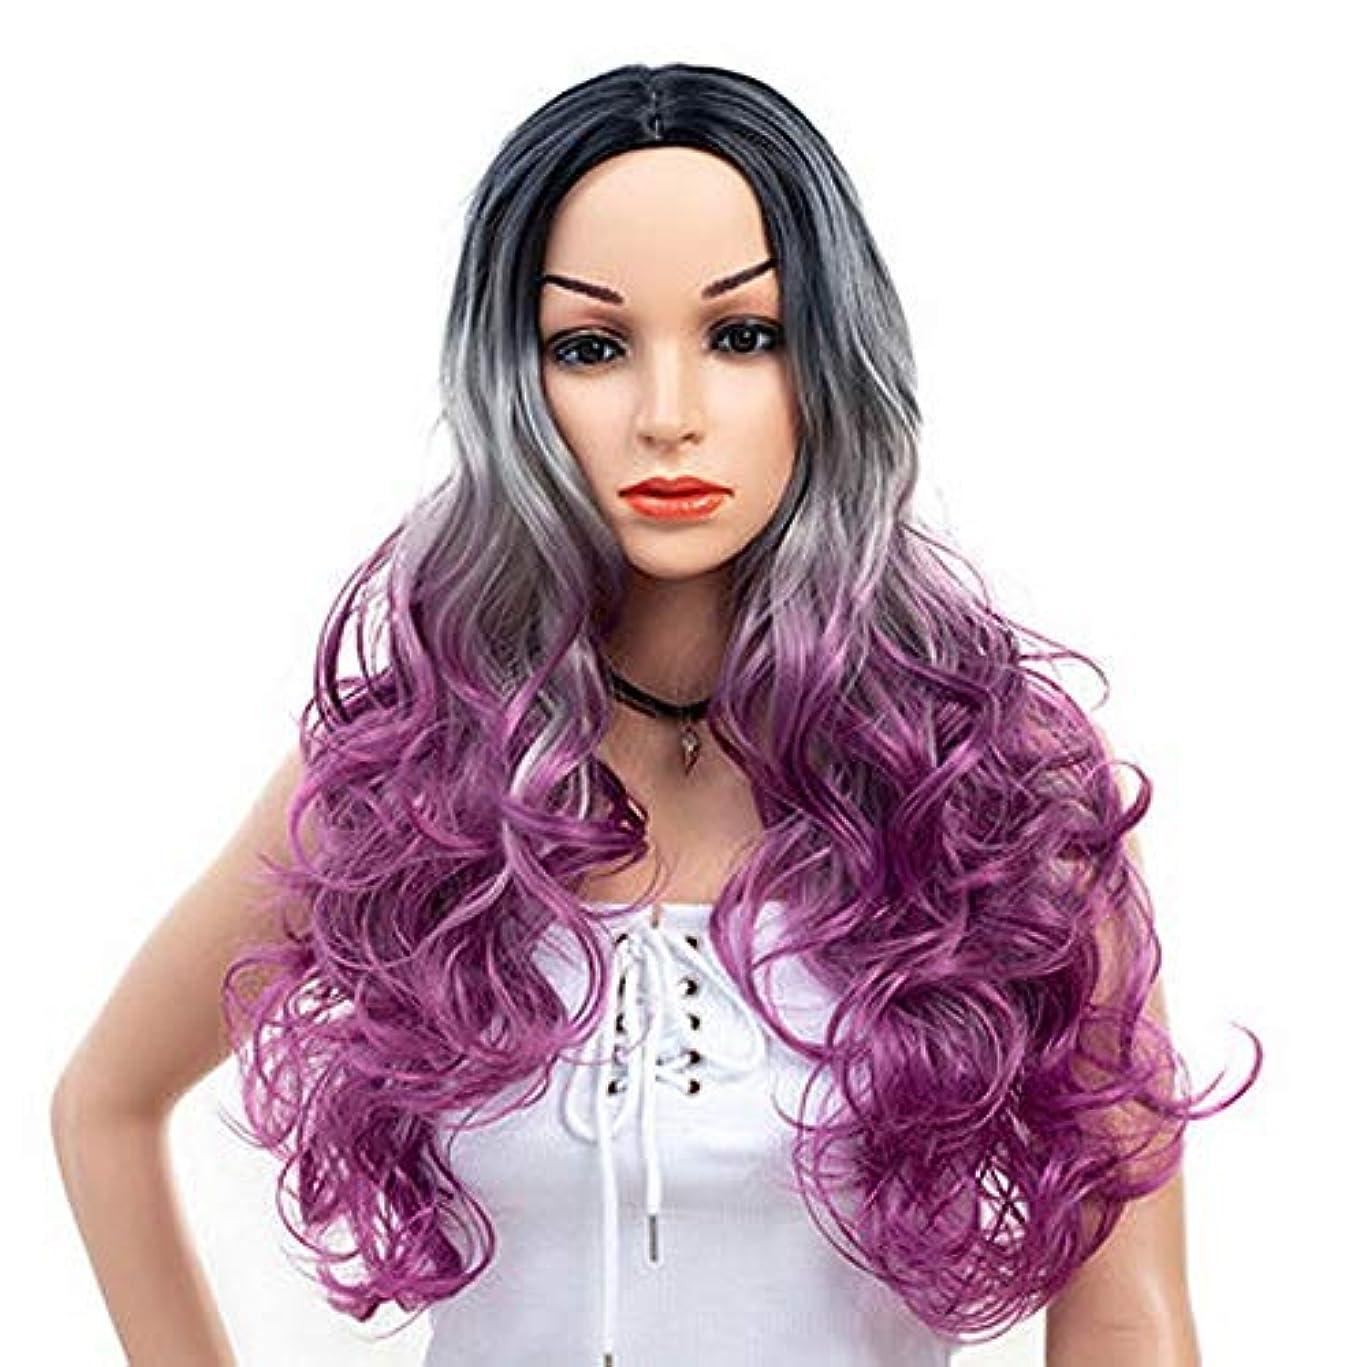 カウントガレージ不振女性のための色のかつら長いウェーブのかかった髪、高密度温度合成かつら女性のグルーレスウェーブのかかったコスプレヘアウィッグ、女性のための耐熱繊維の髪のかつら、紫色のウィッグ26インチ